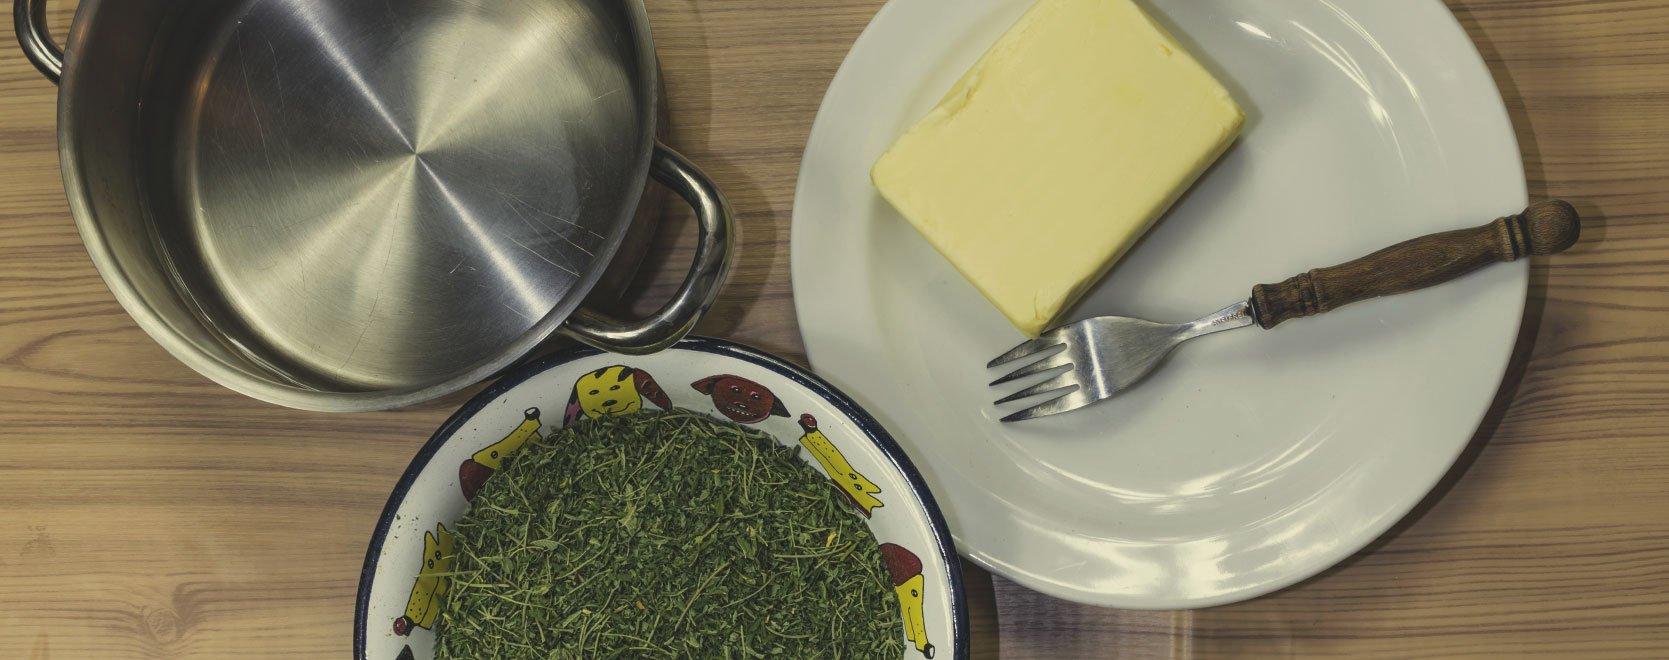 Finde Einen Ort Zum Kochen, Zerhacke Das Rohmaterial